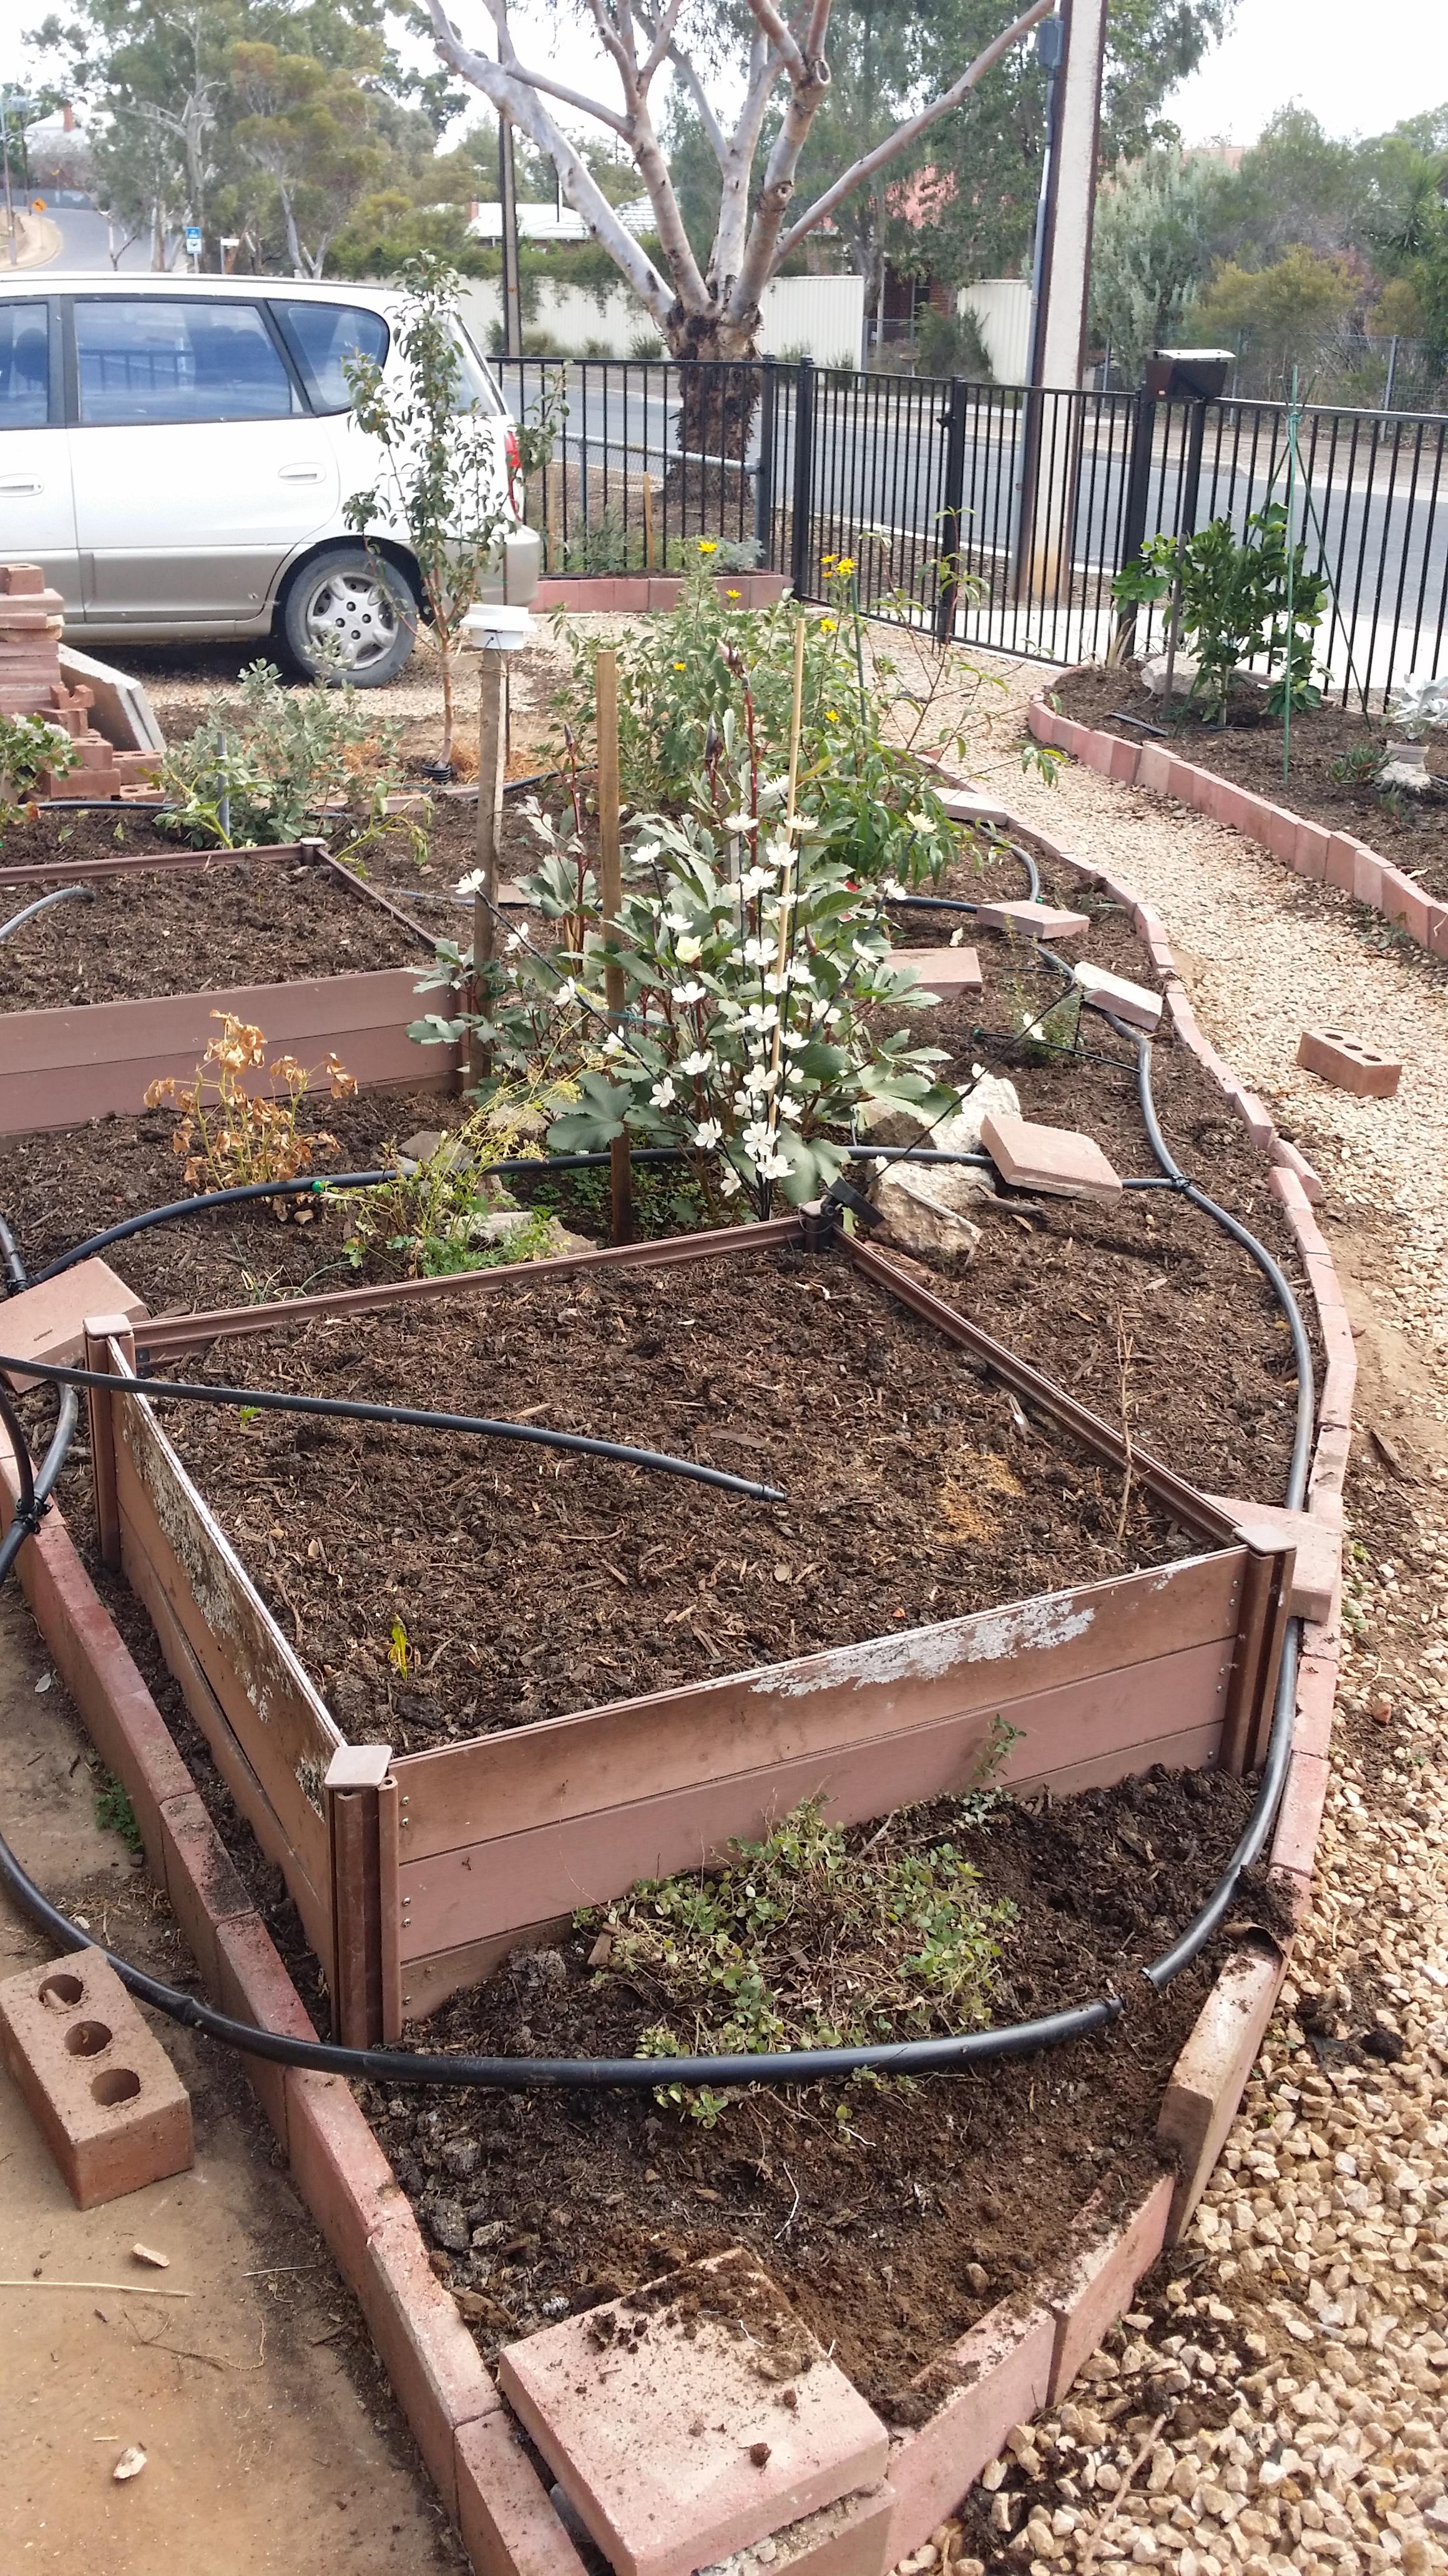 Mulch added and irrigation underway.